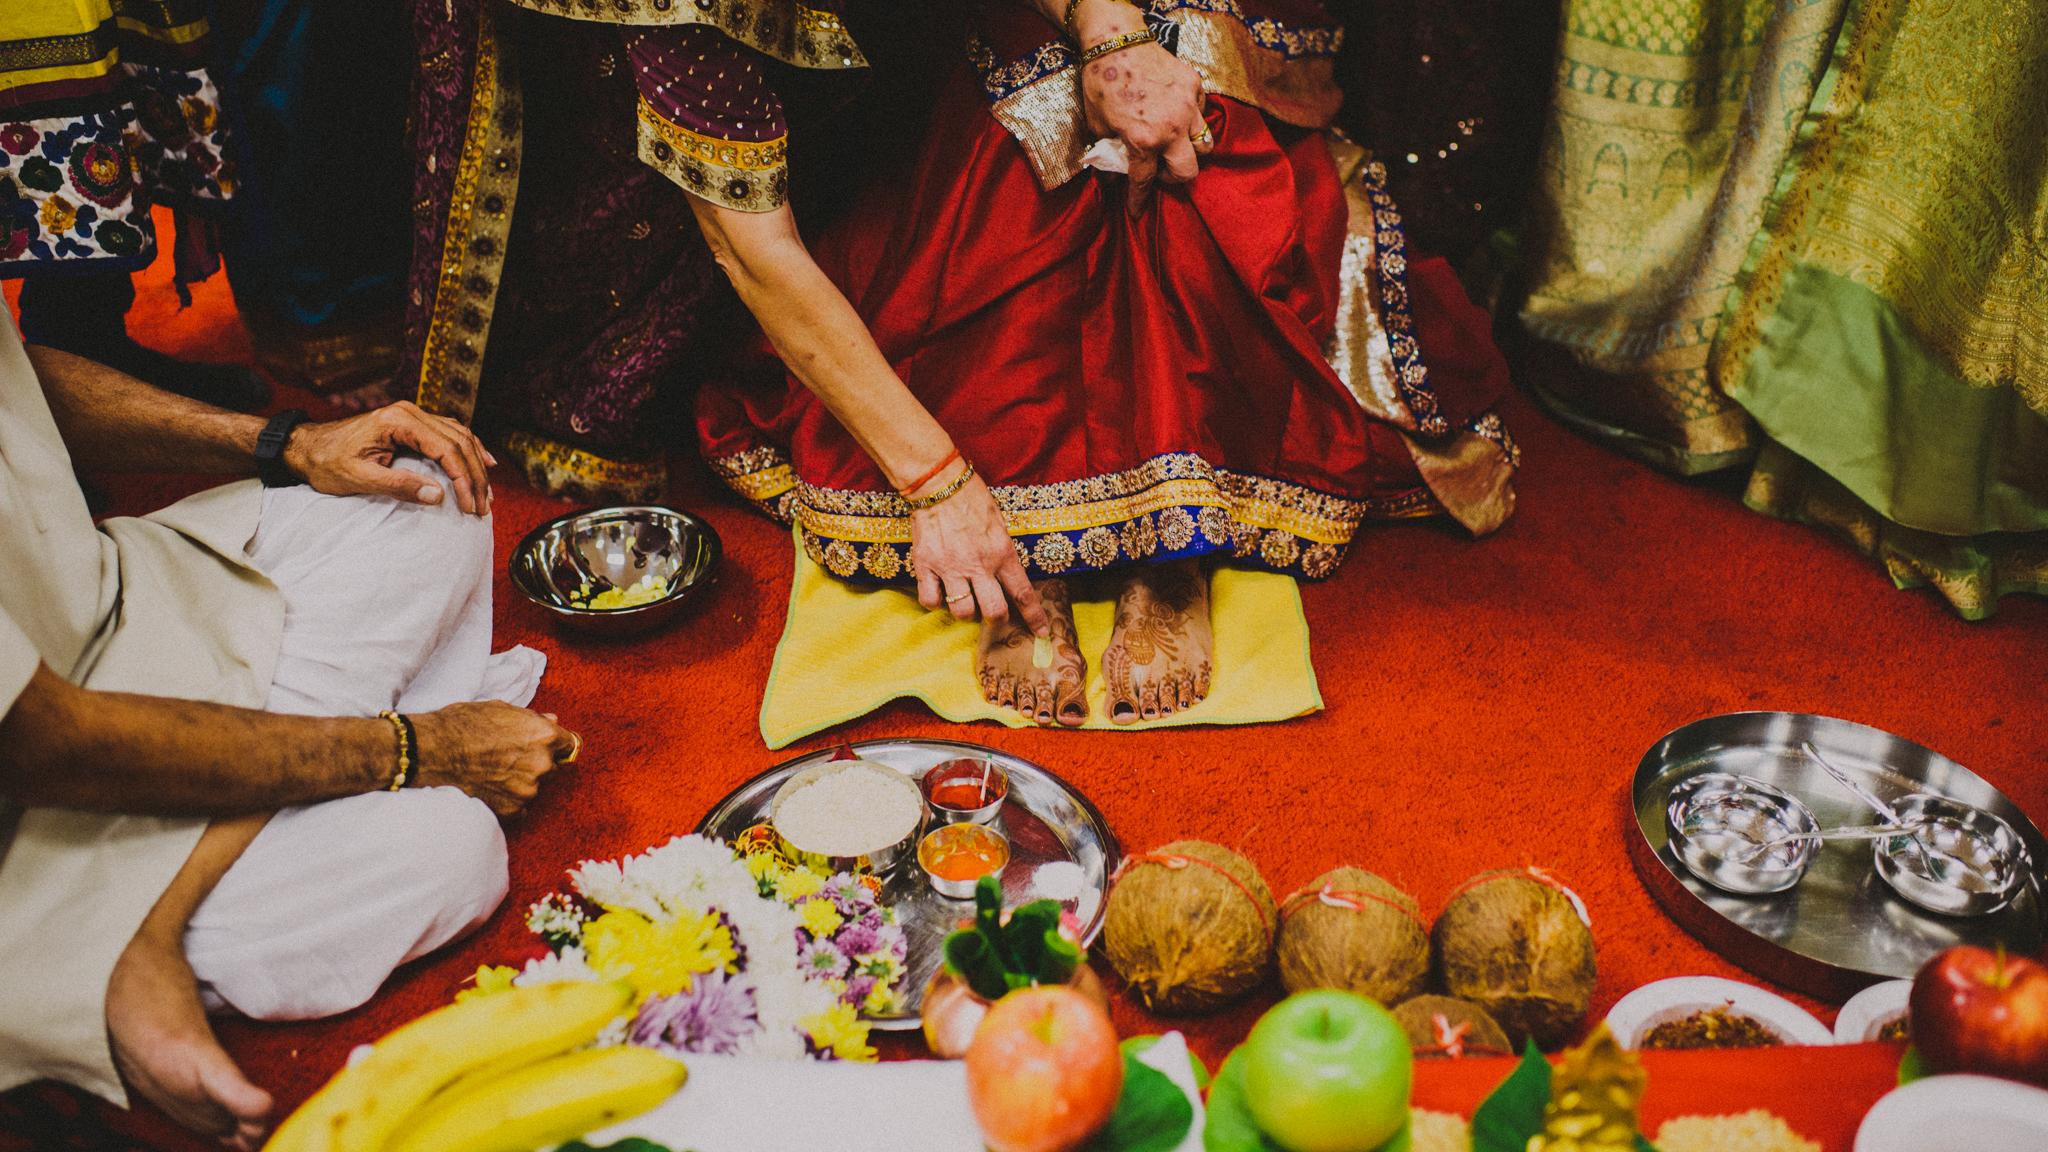 orlando_wedding_photographer_florida_gian_carlo_photography_005.jpg